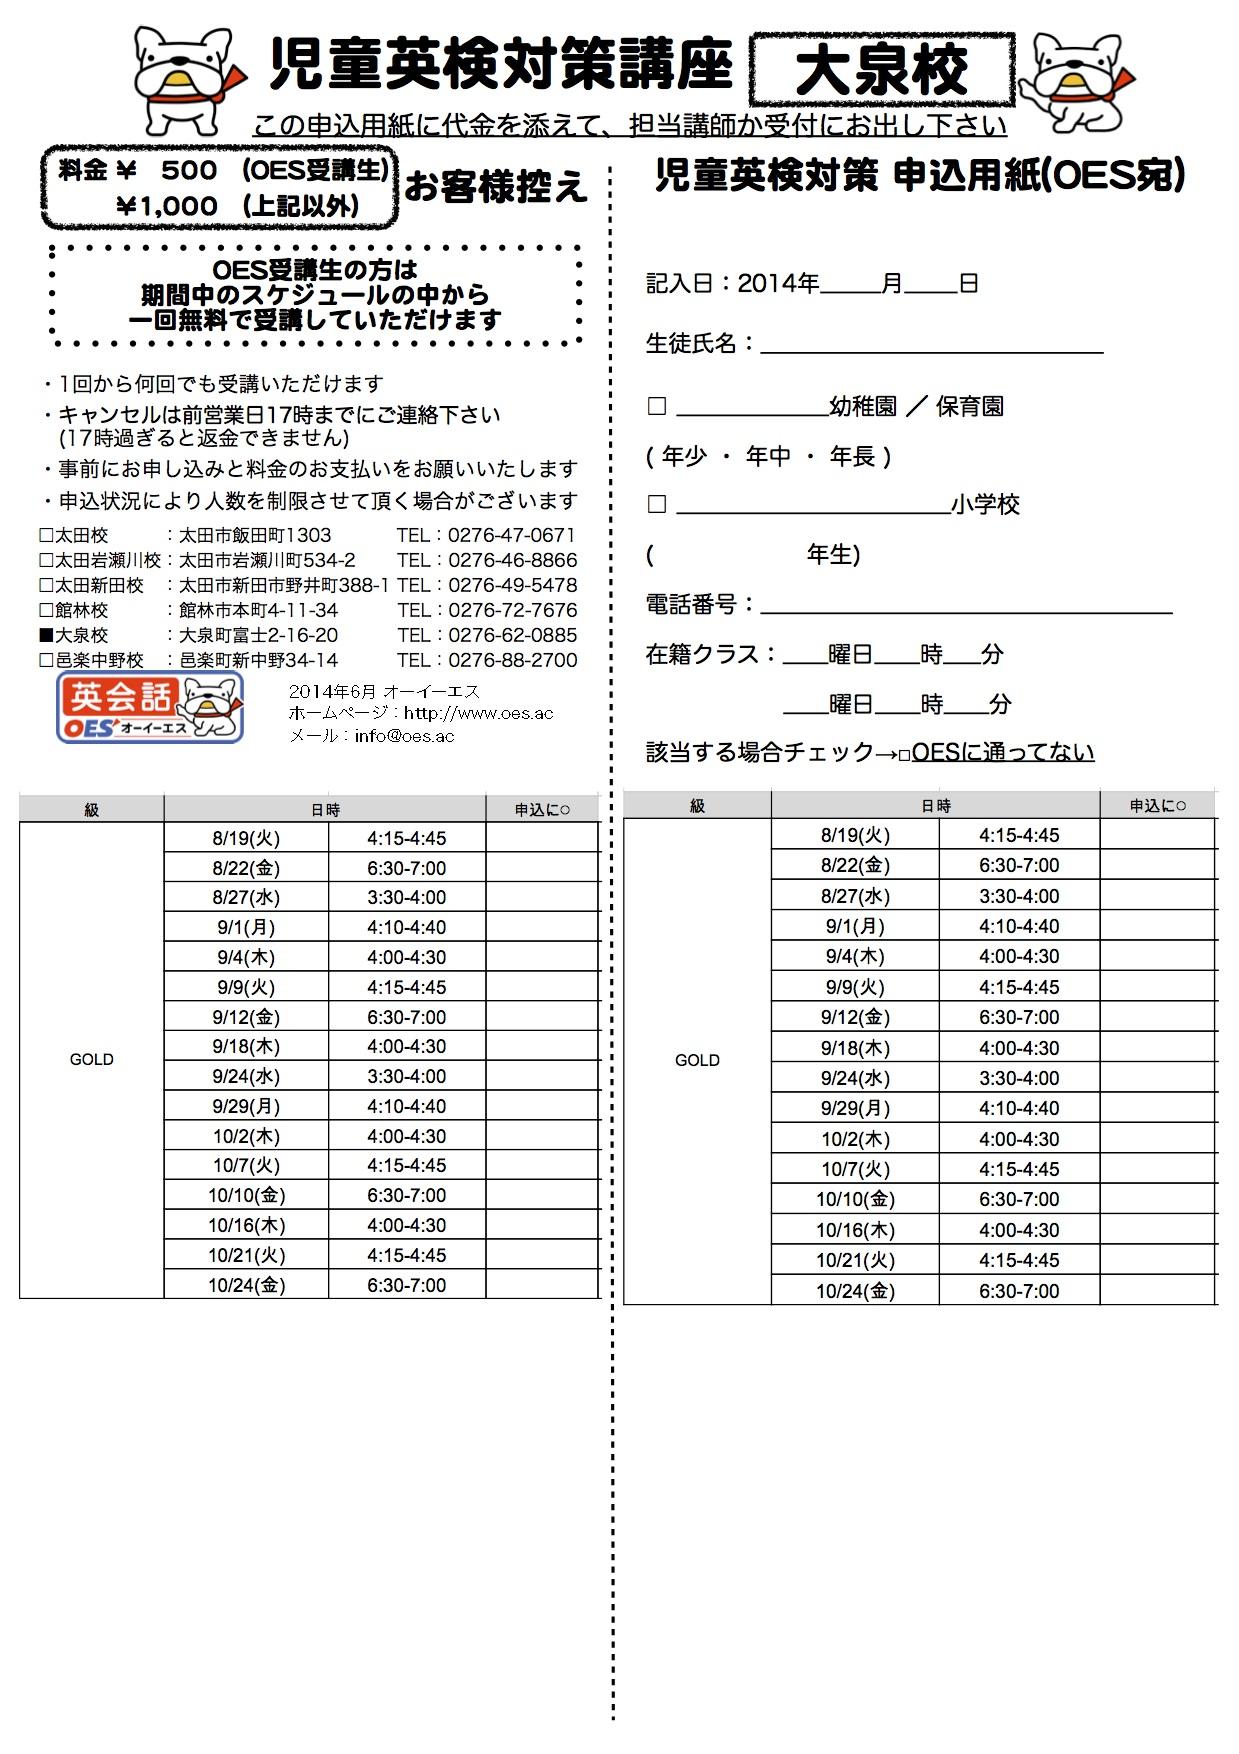 申込用紙(GOLD) 2014-2 大泉校